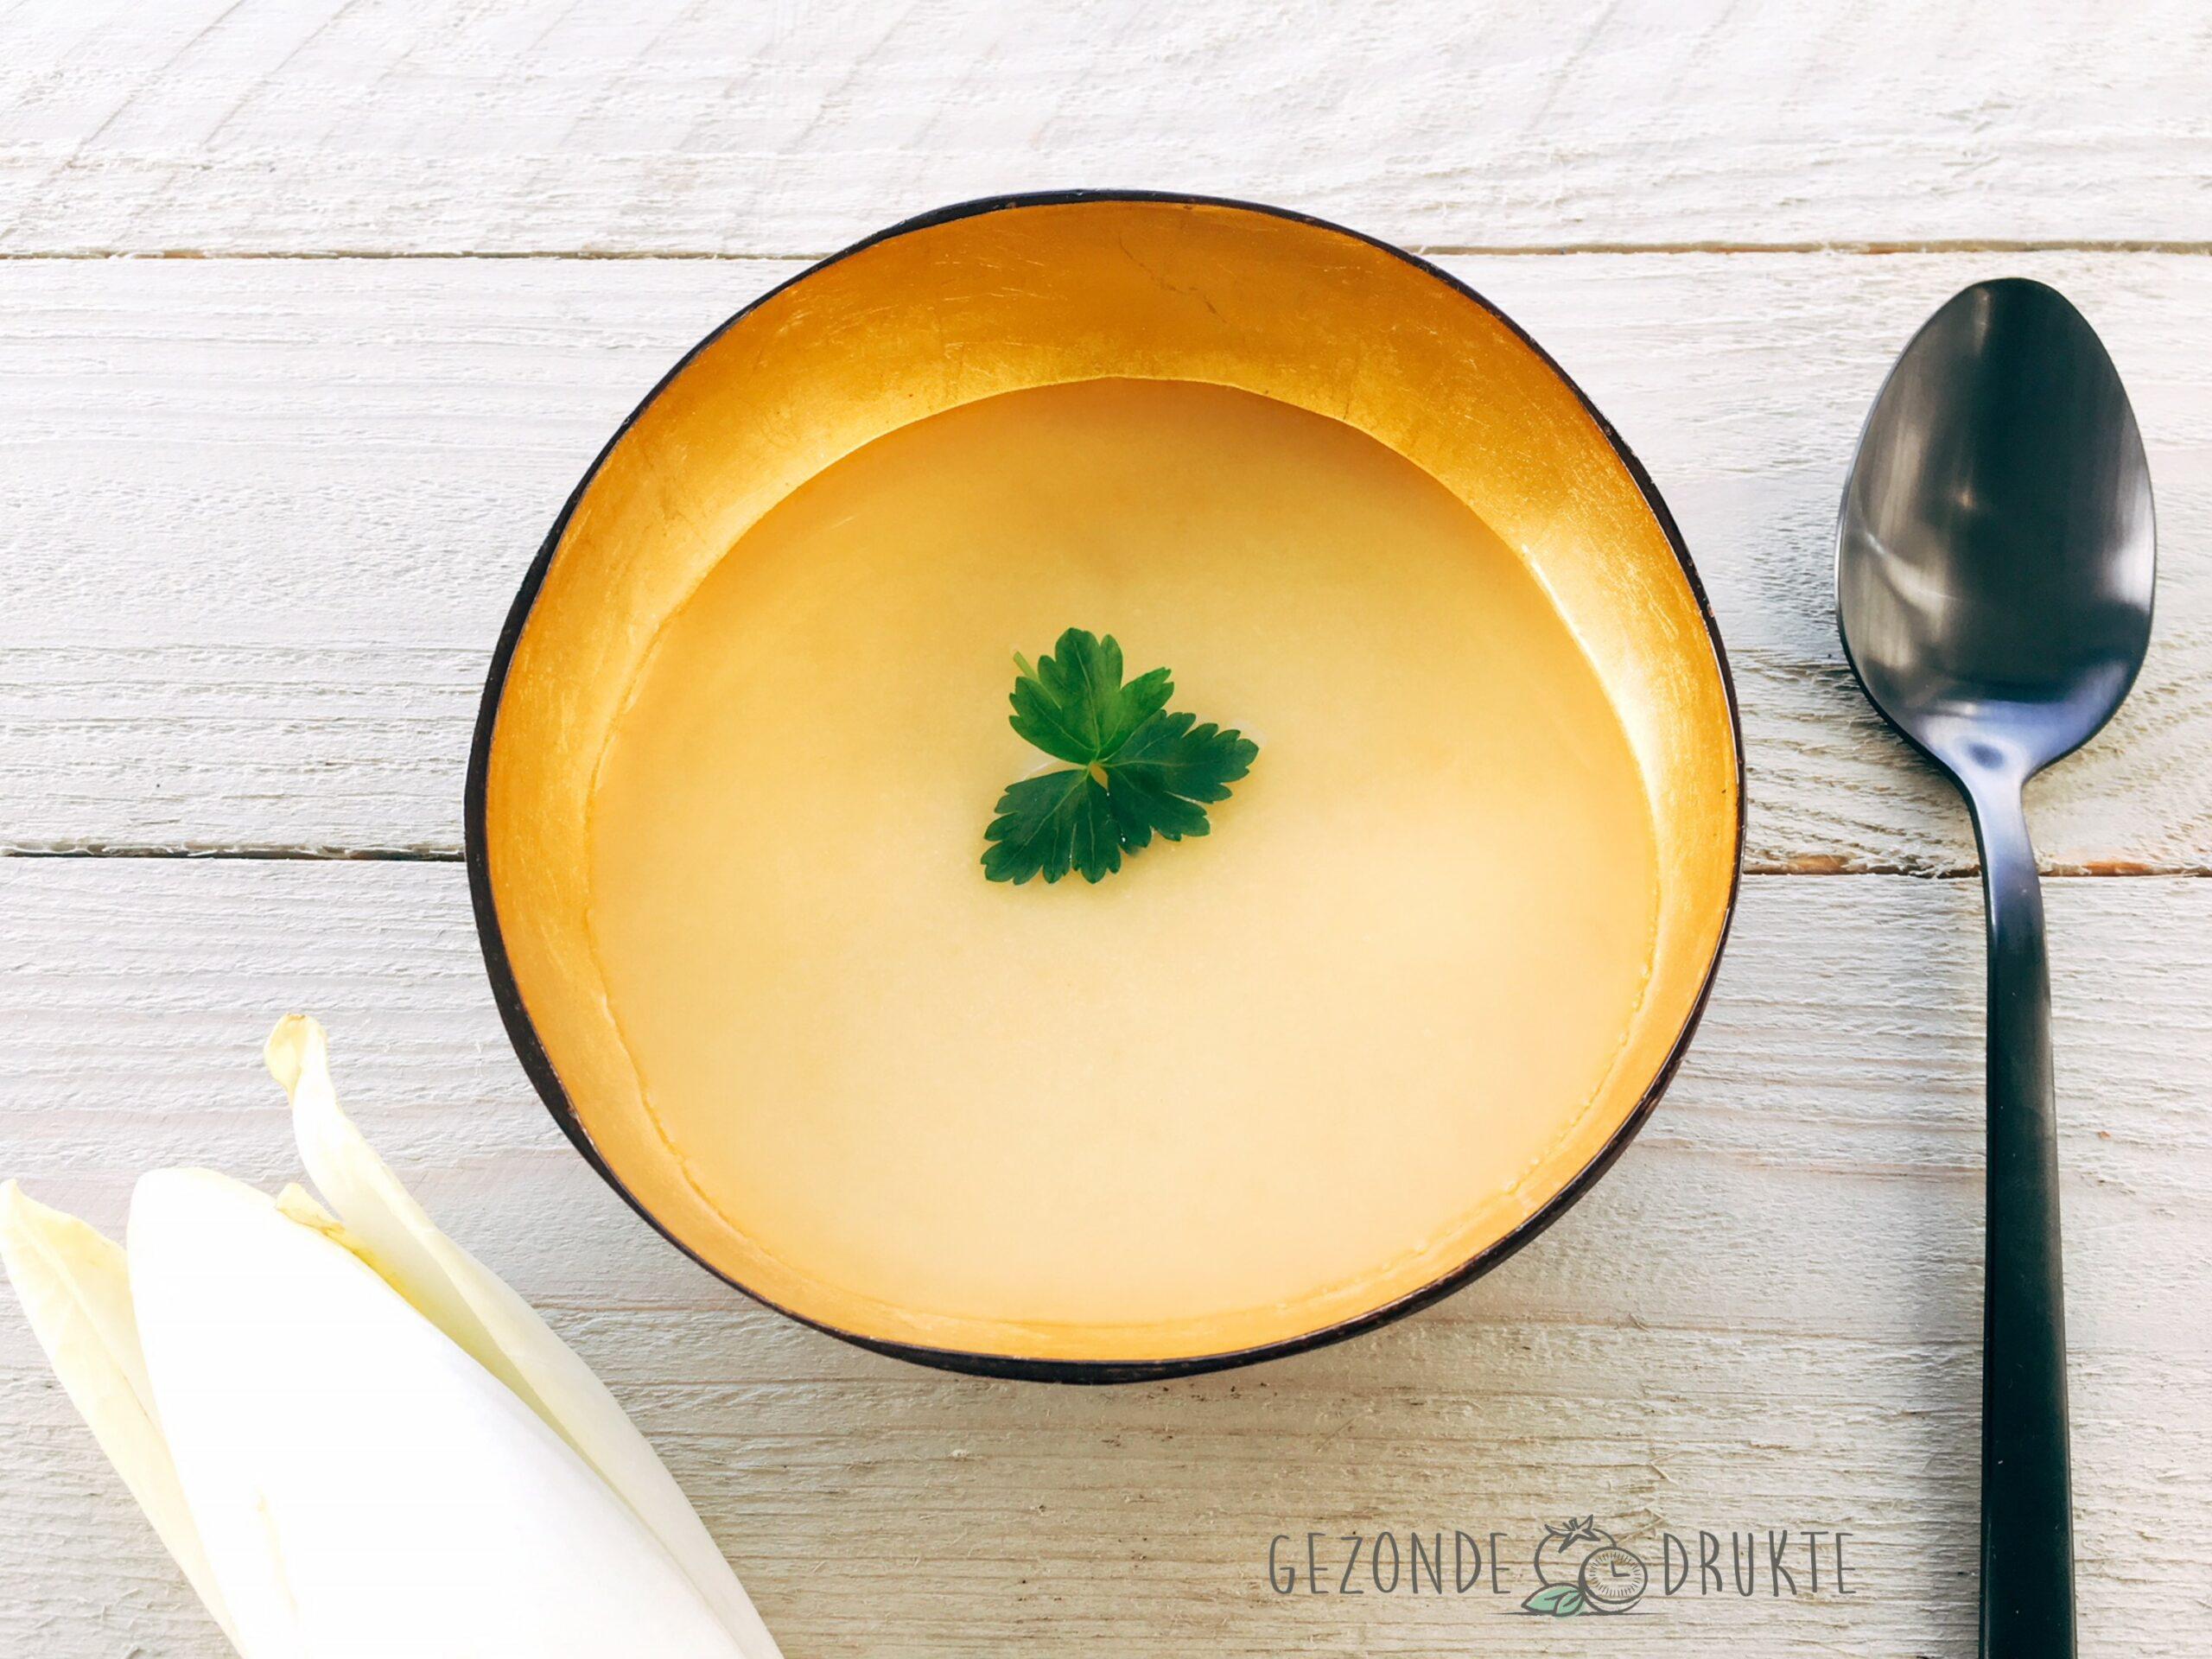 witloofsoep zonder bittere smaak gezonde drukte gezond